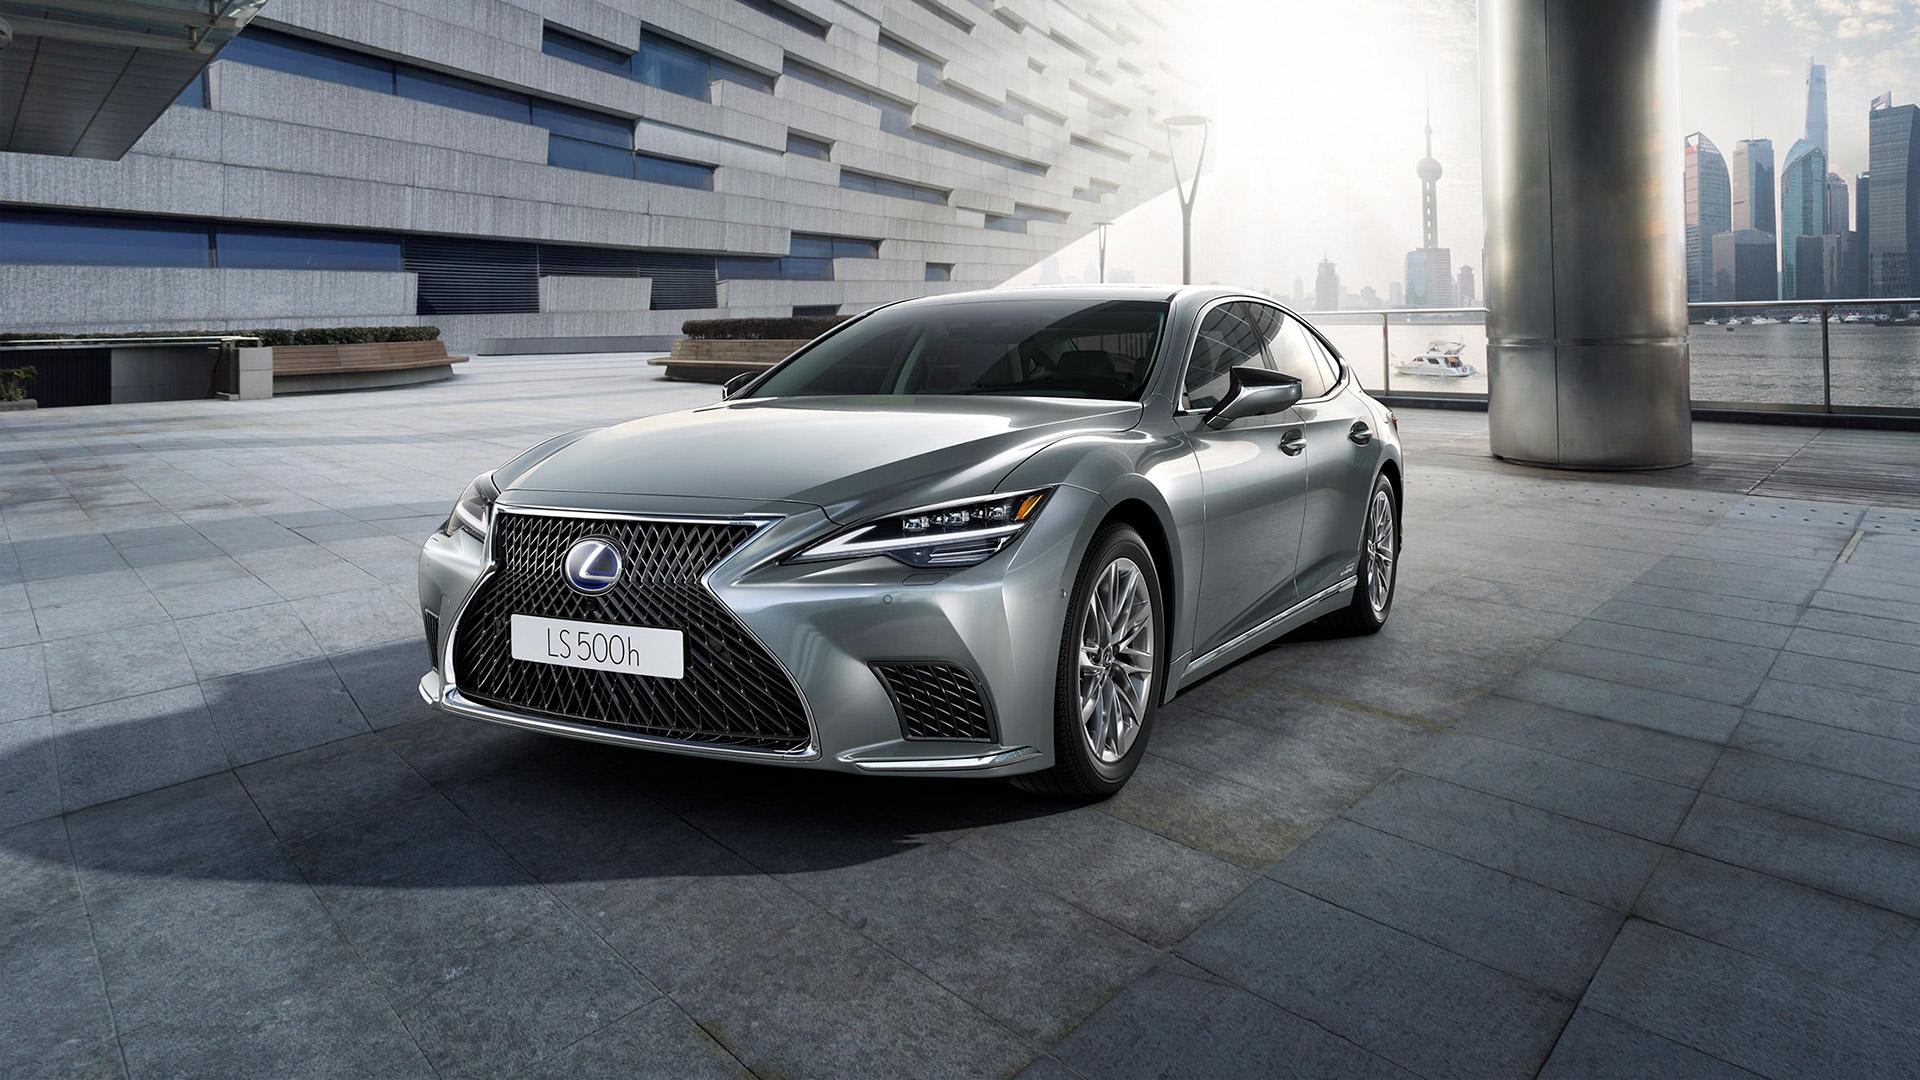 Nieuwe Lexus LS 500h ultiem soepel accelereren